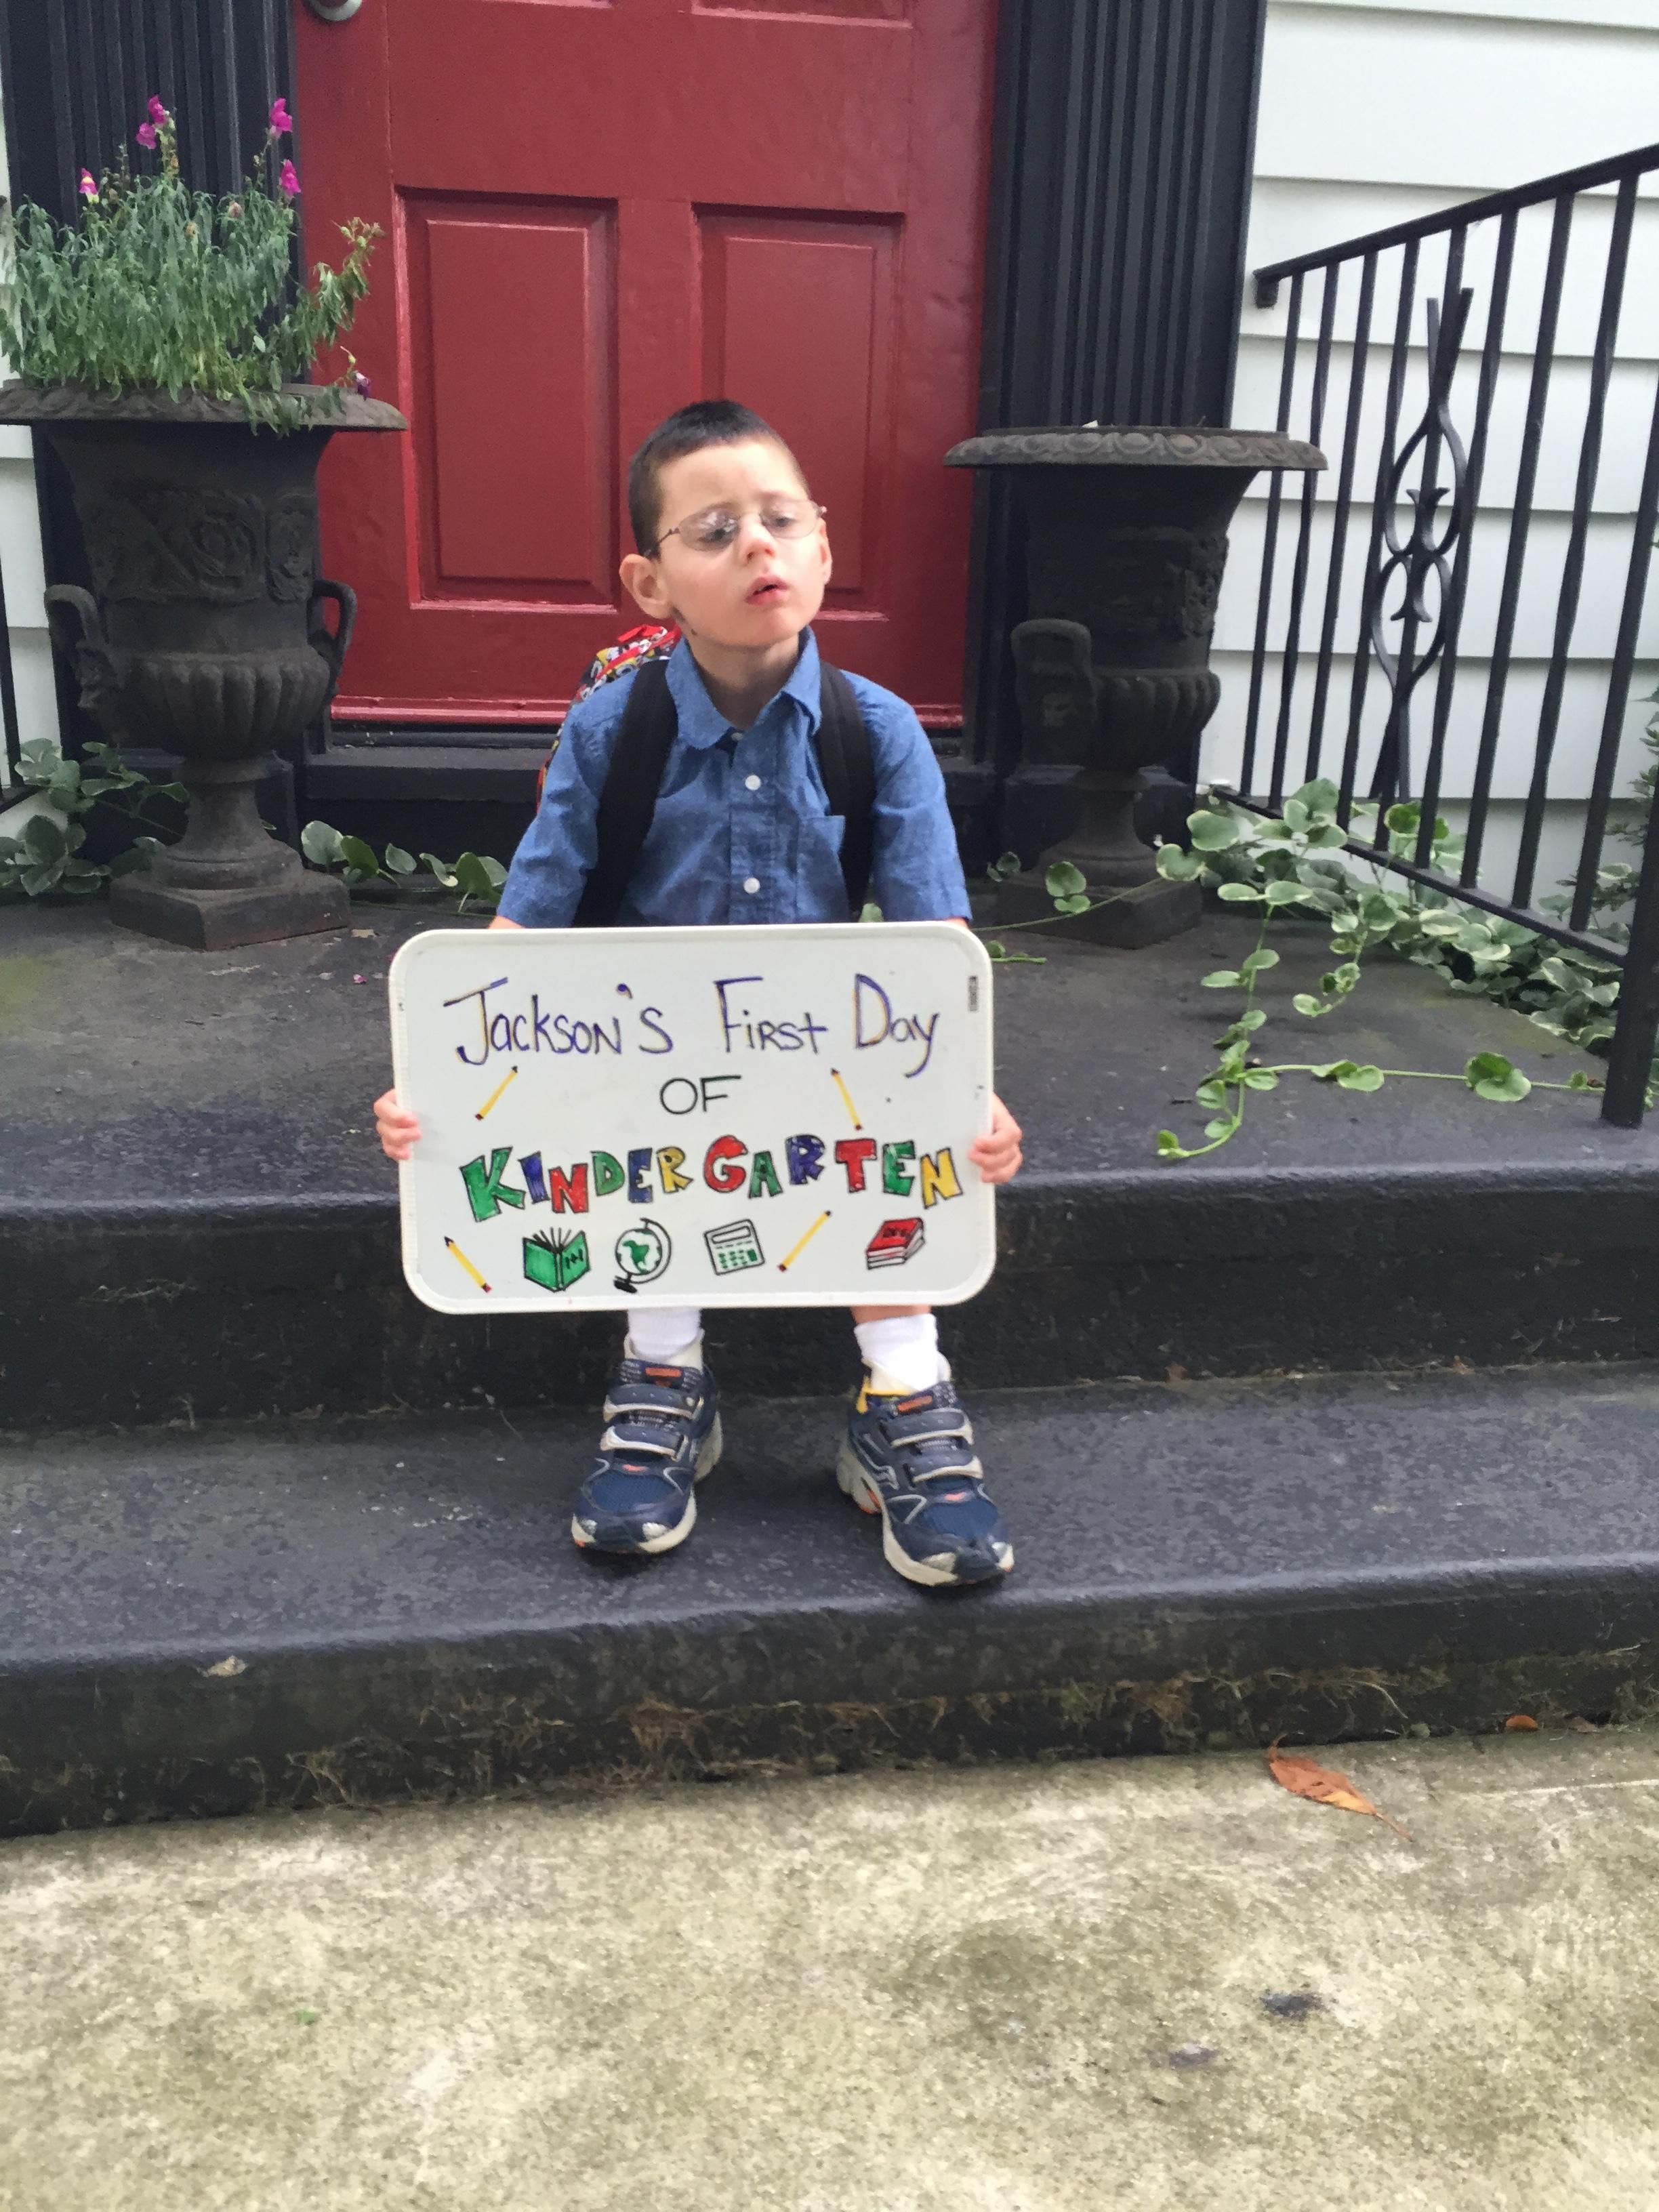 Jackson's First Day Of Kindergarten